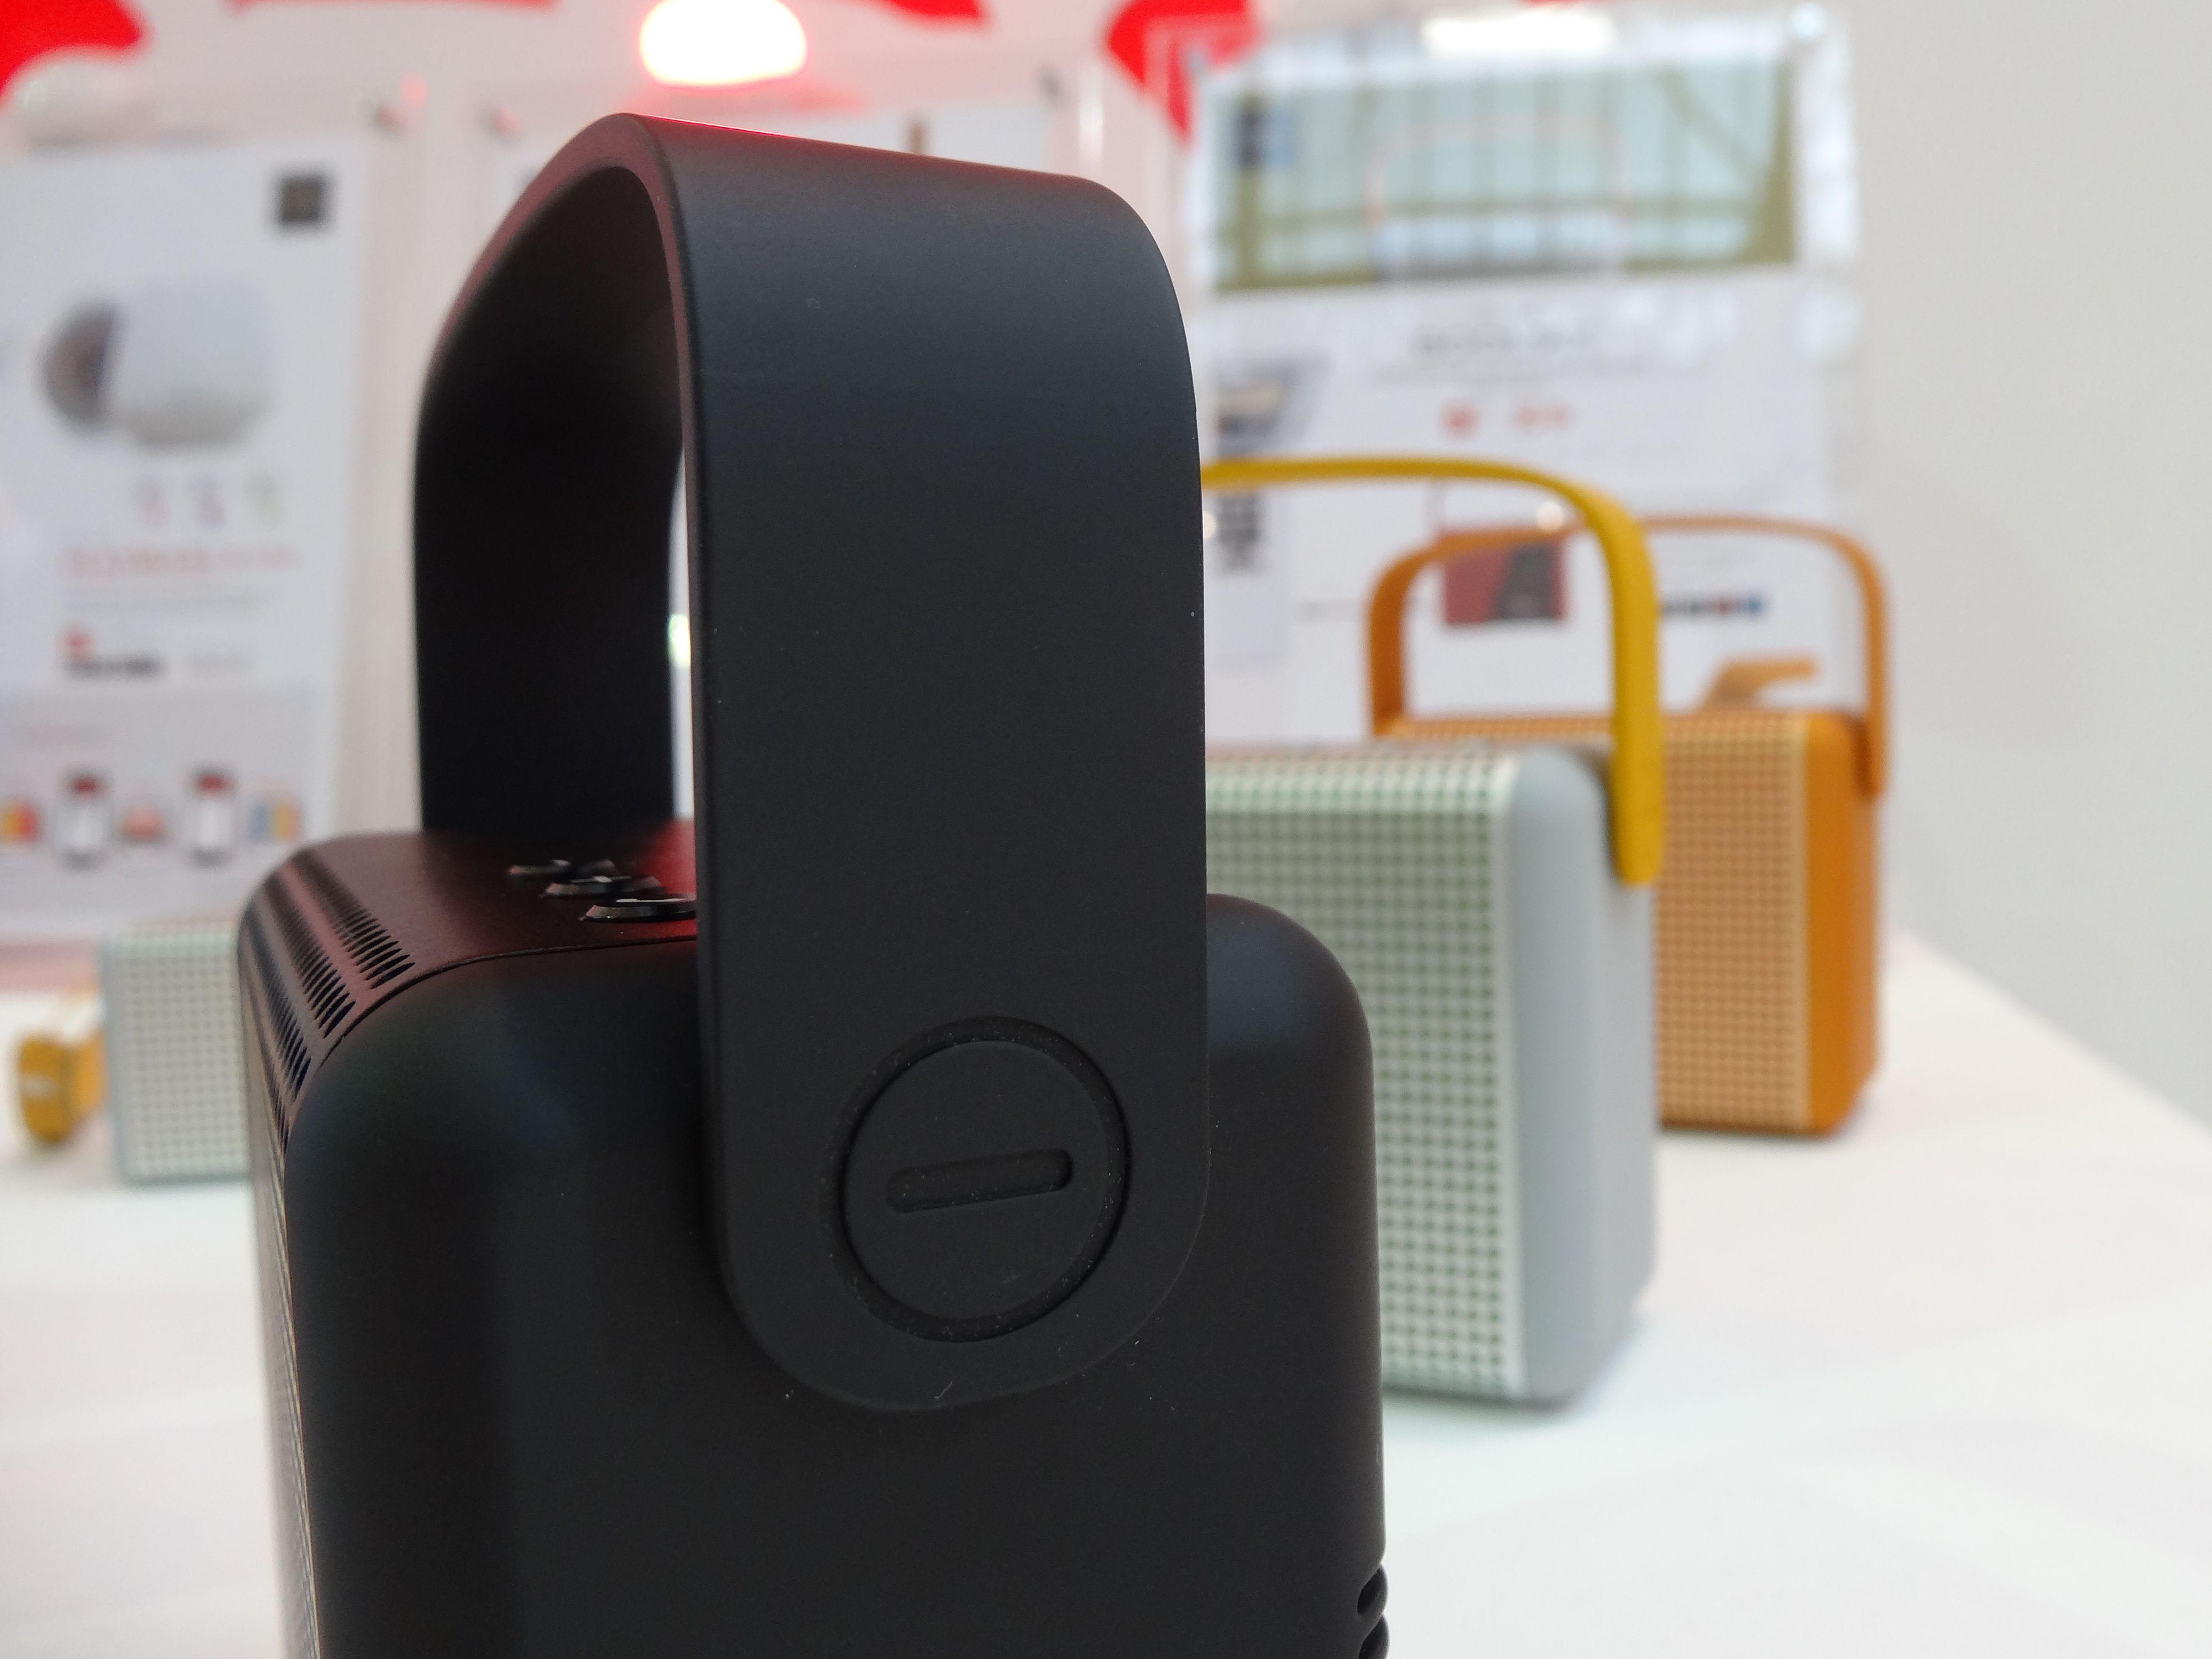 100% DESIGN - Portable speakers